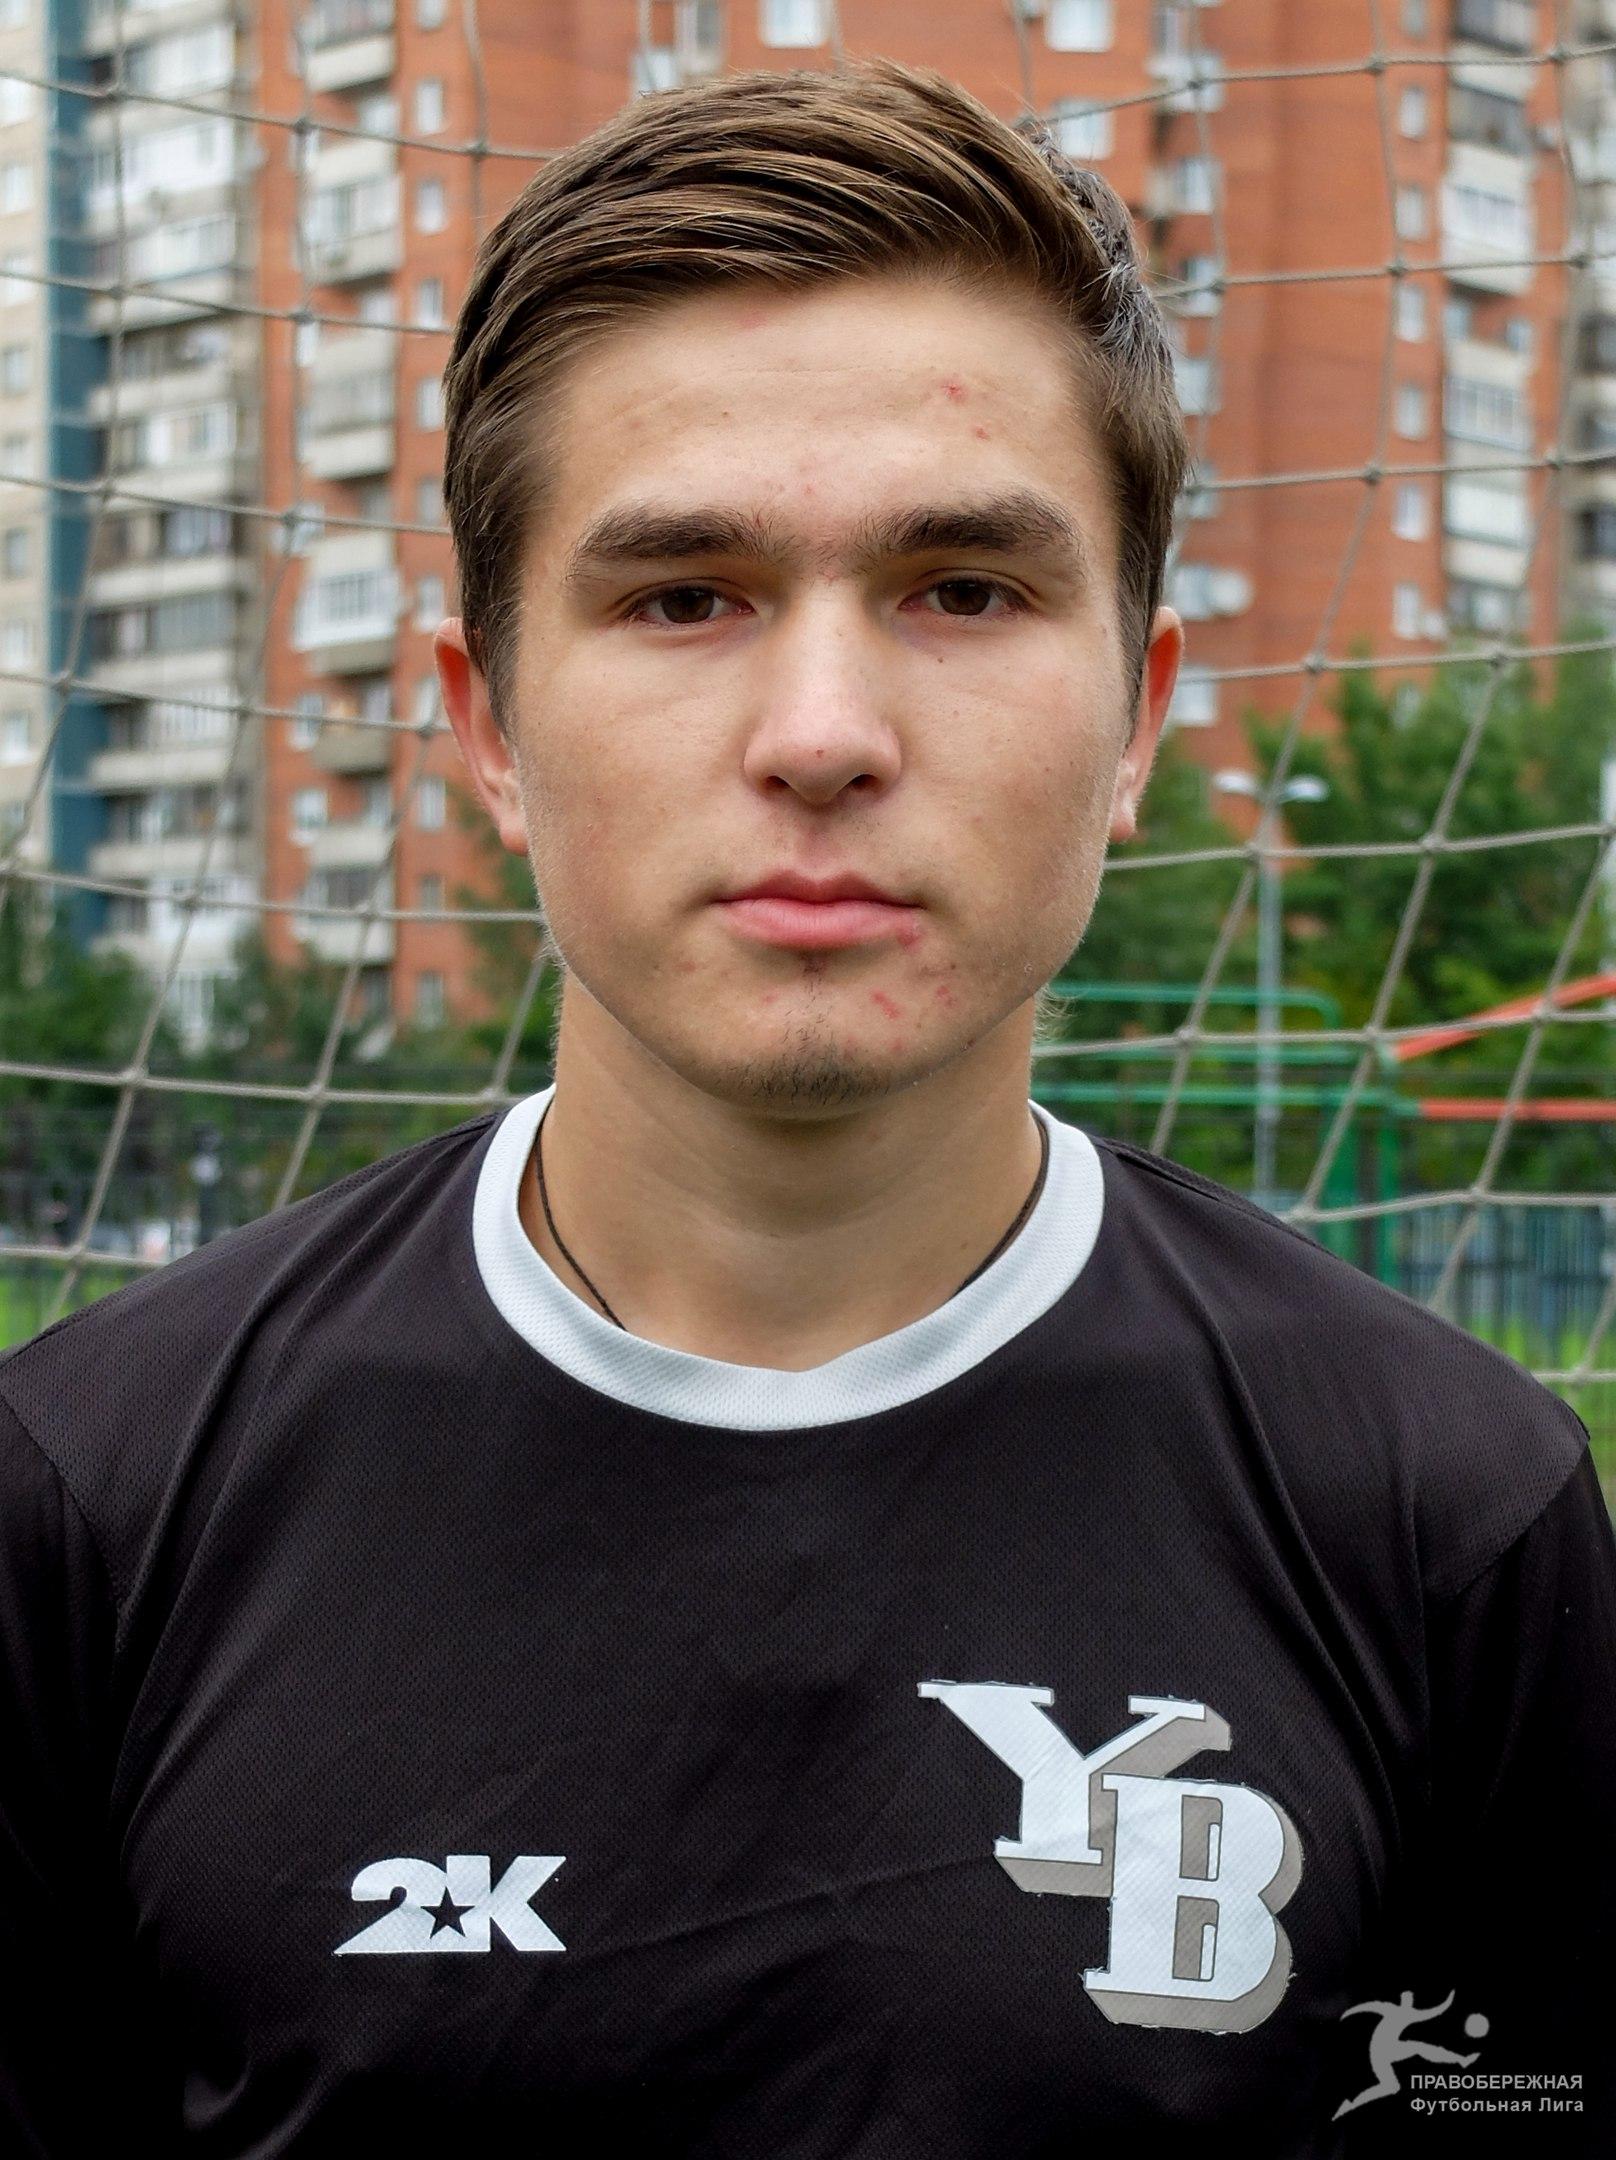 Ягафаров Ильнур